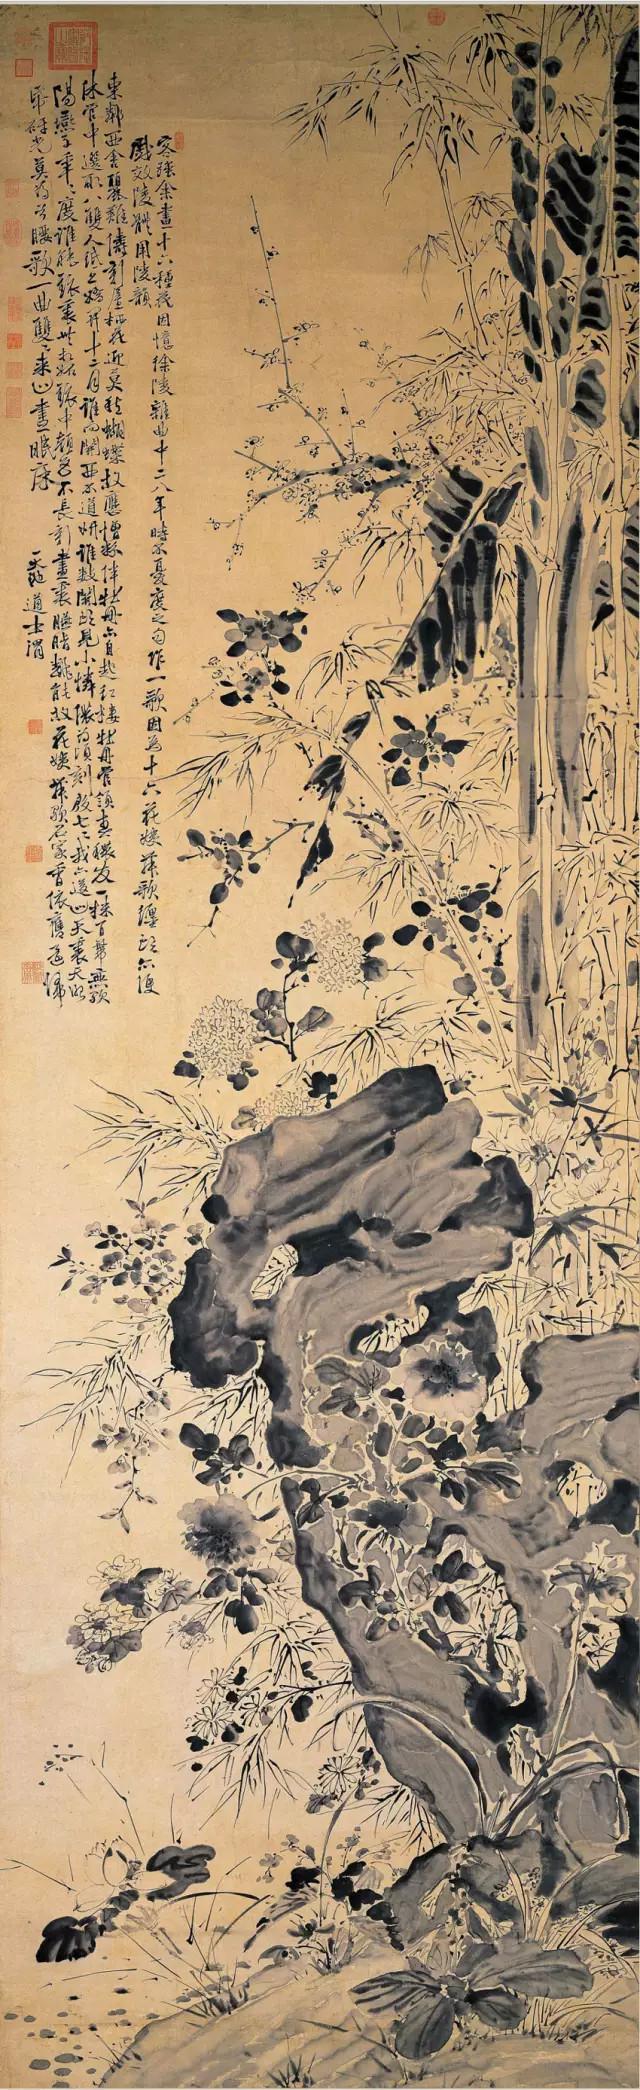 徐渭 花竹图 纸本水墨 337.6×103.5cm 北京故宫博物院藏